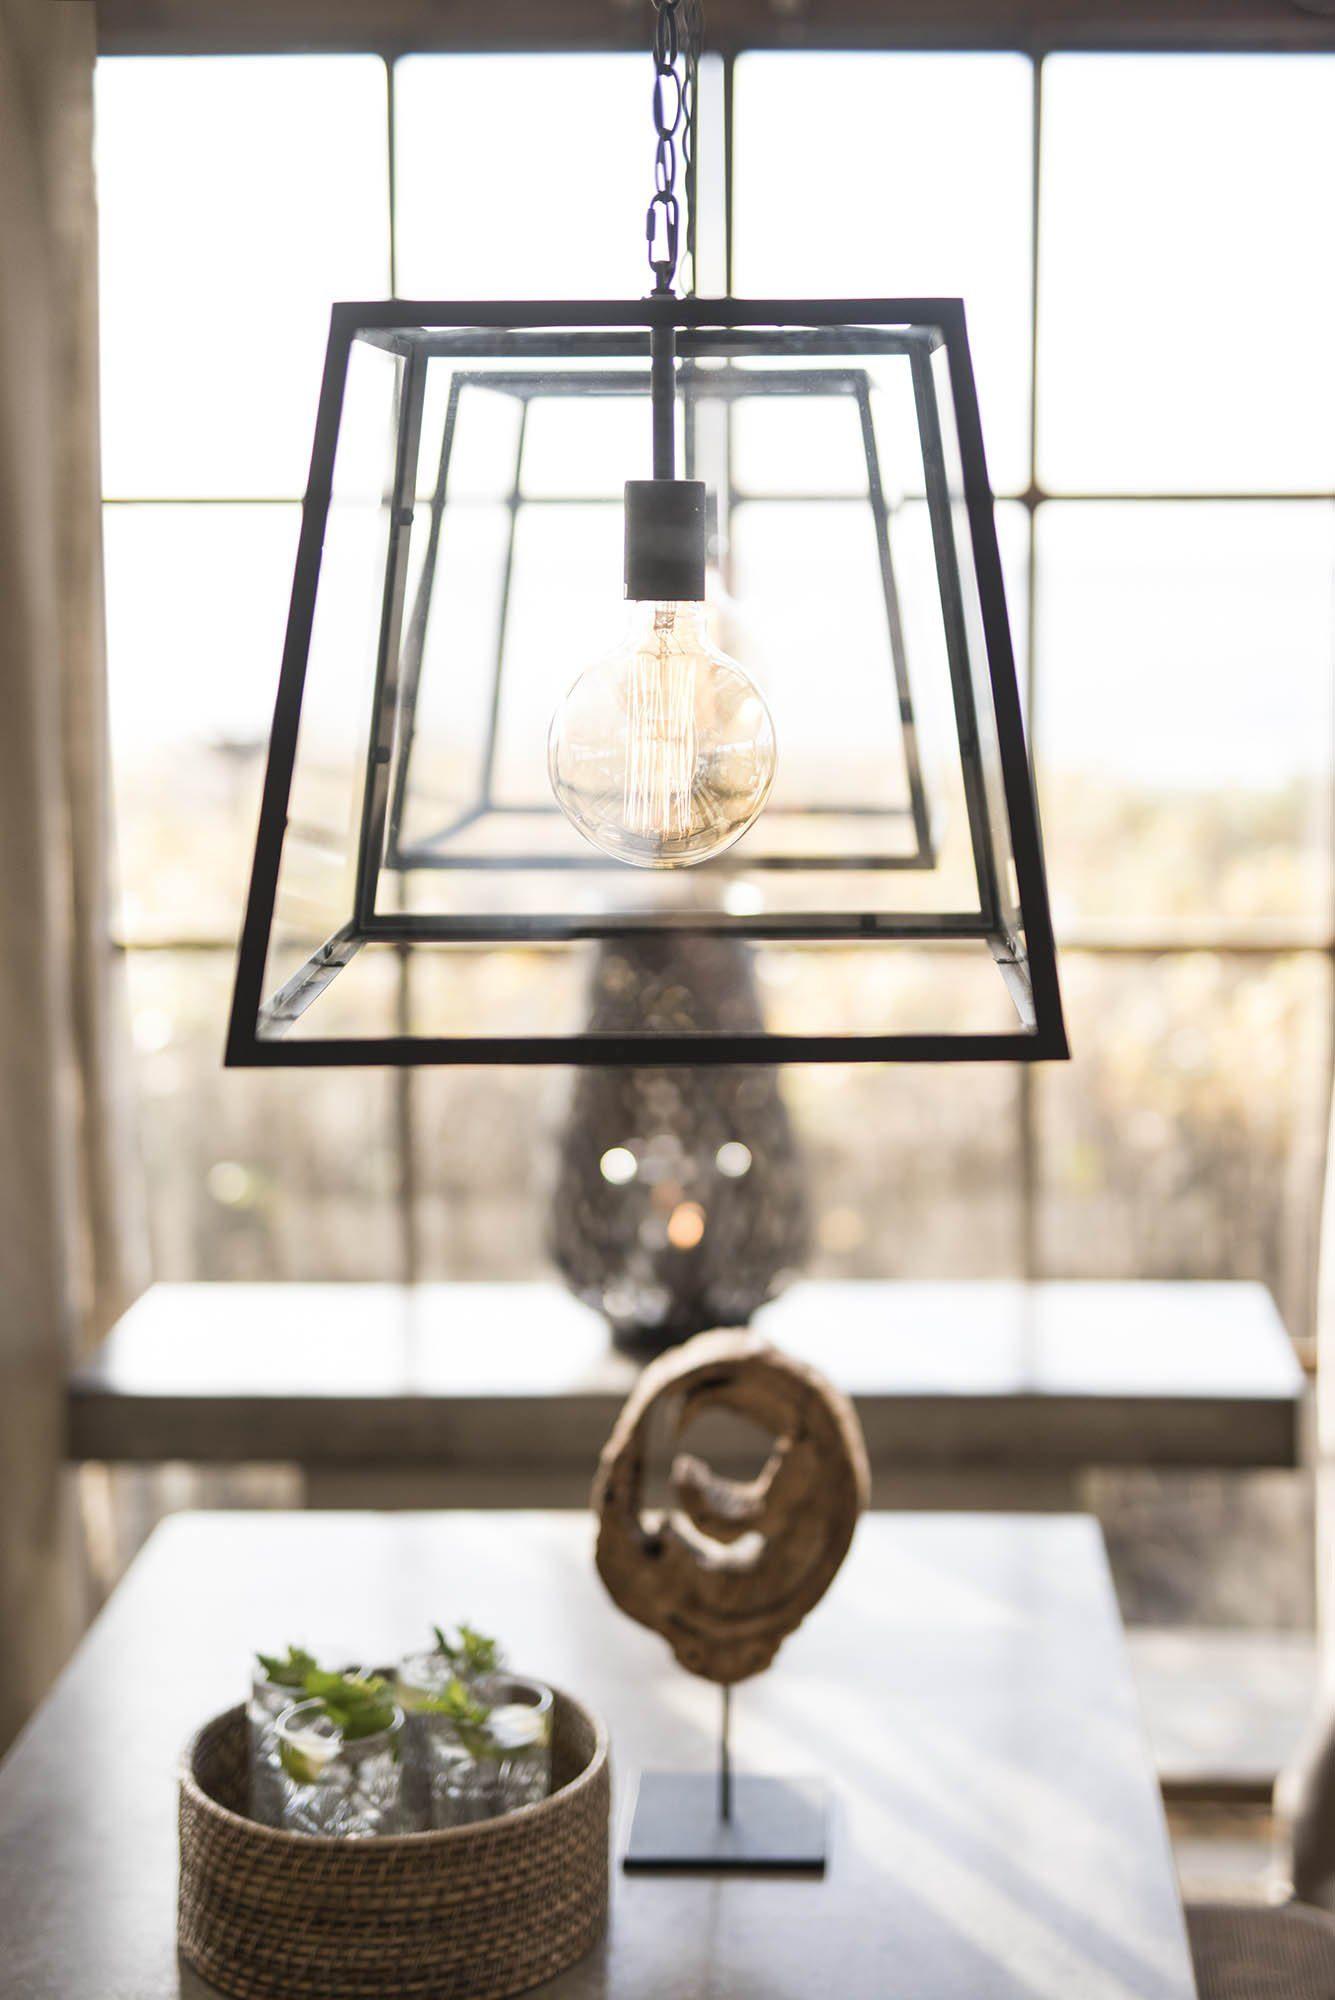 Miljöbild av City taklampa i glas från Artwood.